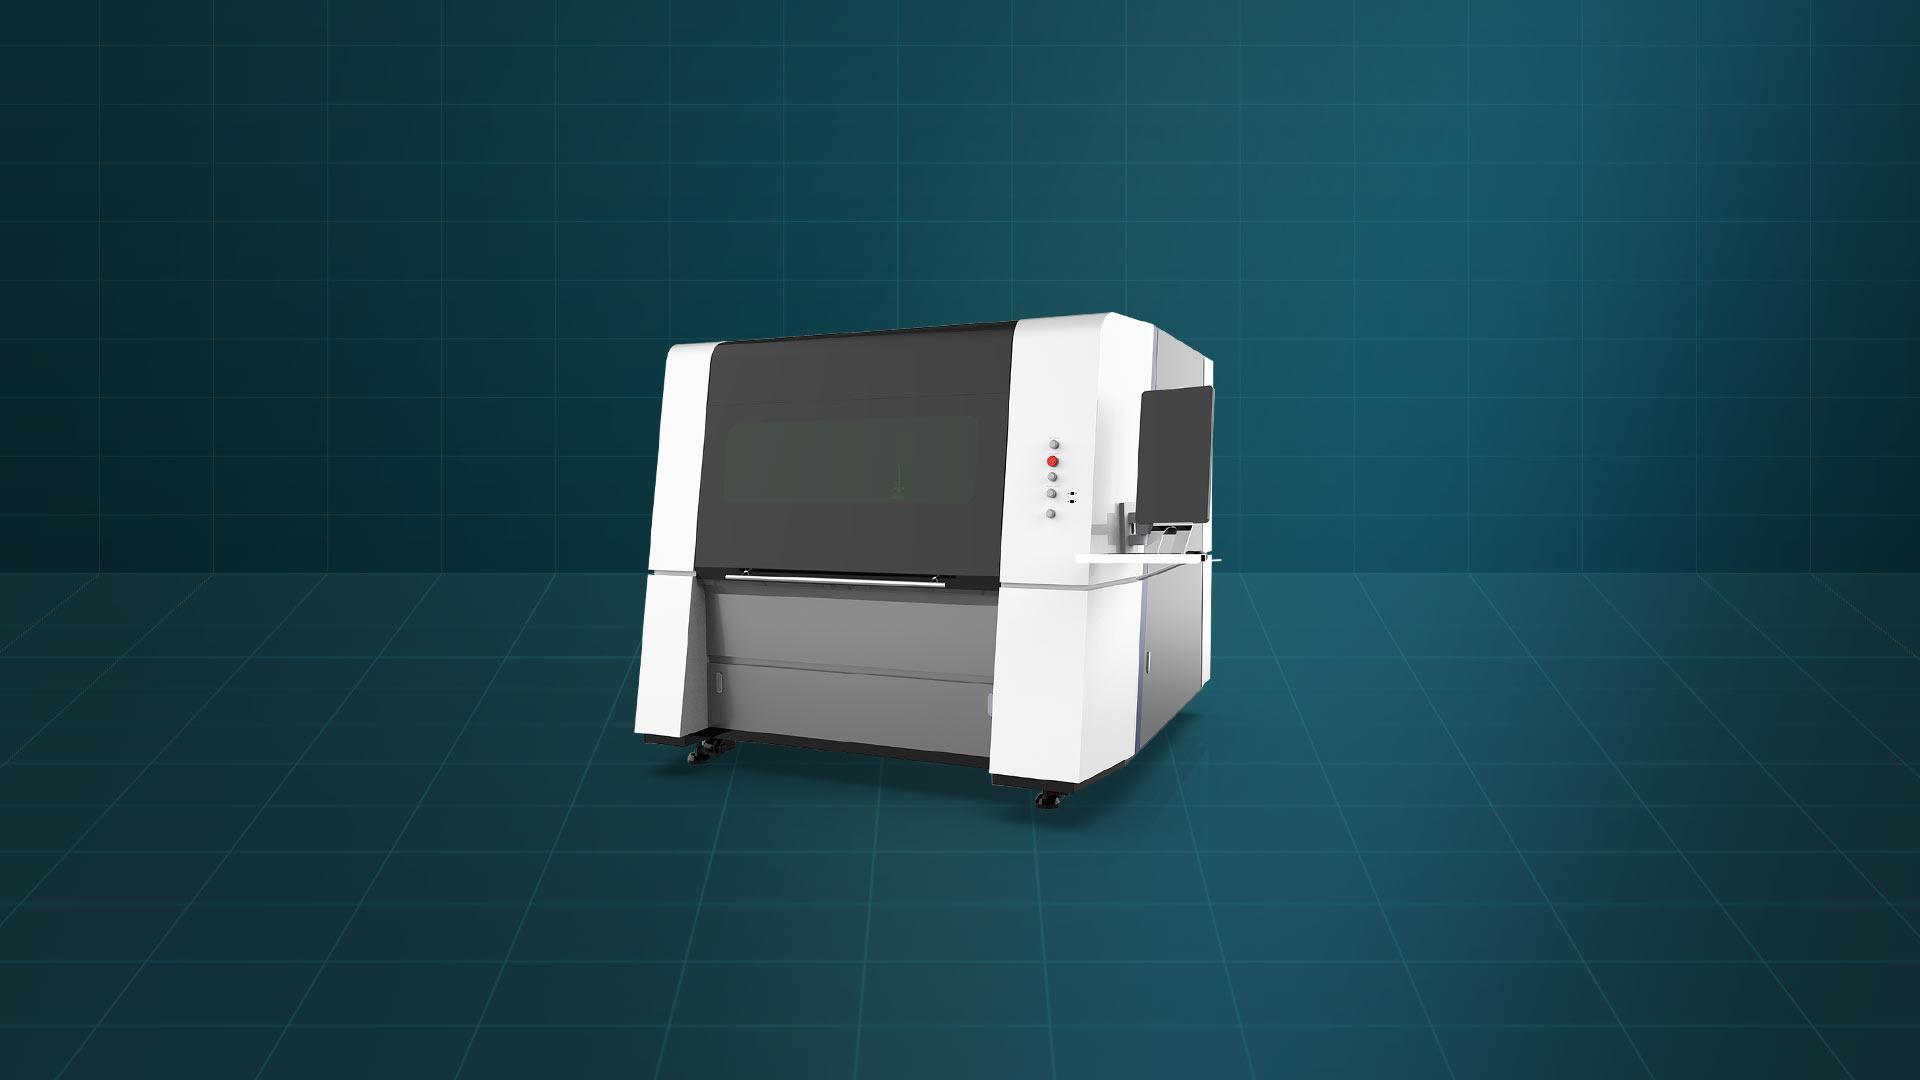 Máy cắt laser fiber chính xác cao LF-1390